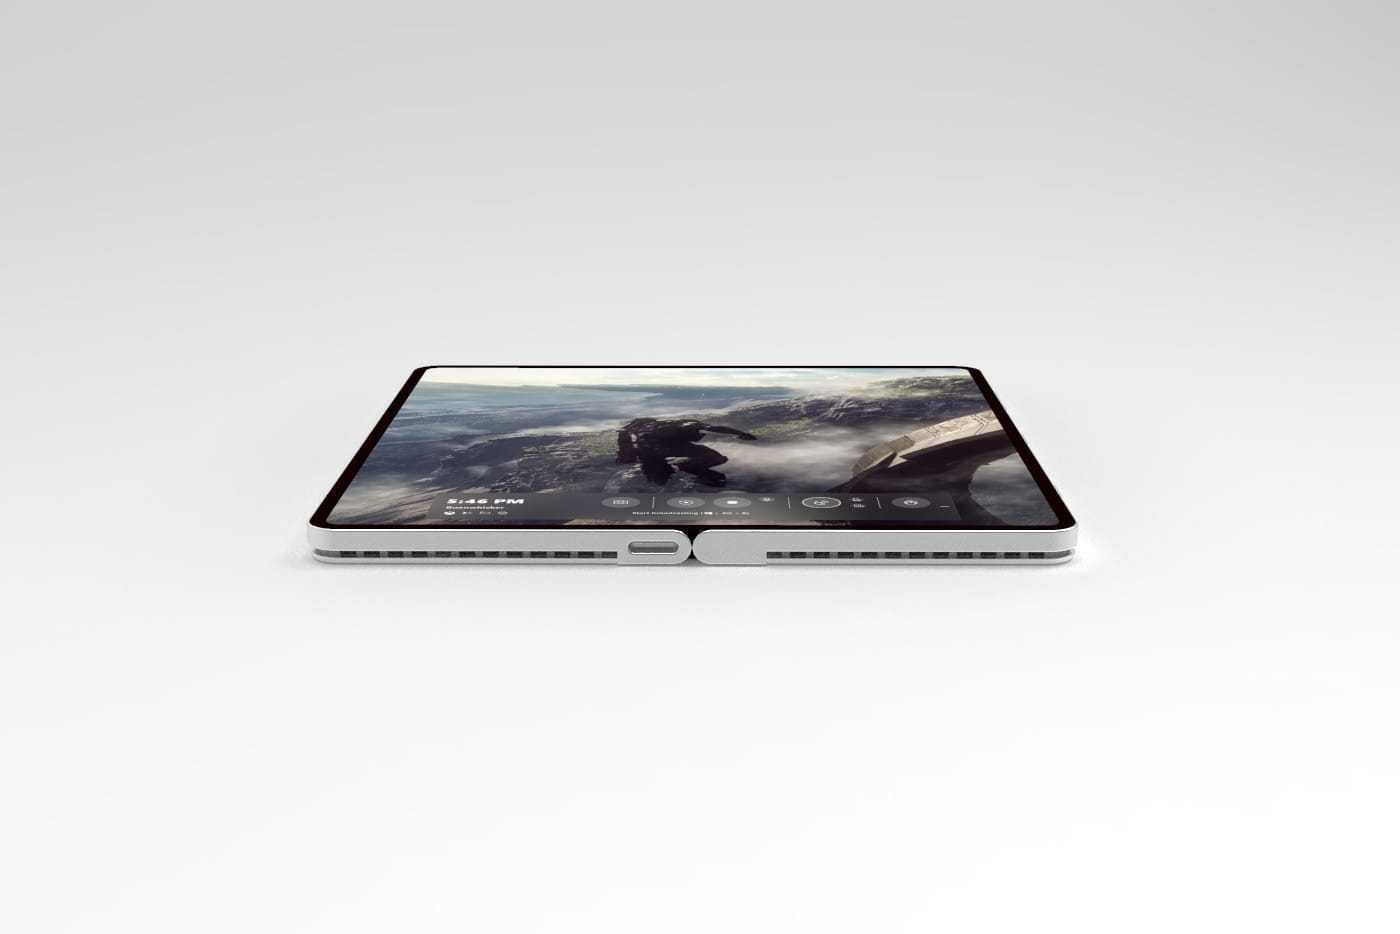 Еще летом прошлого года выяснилось что компания Microsoft приступила к разработке сгибающегося смартфона Спустя какое-то время проект Andromeda был прекращён Вместо